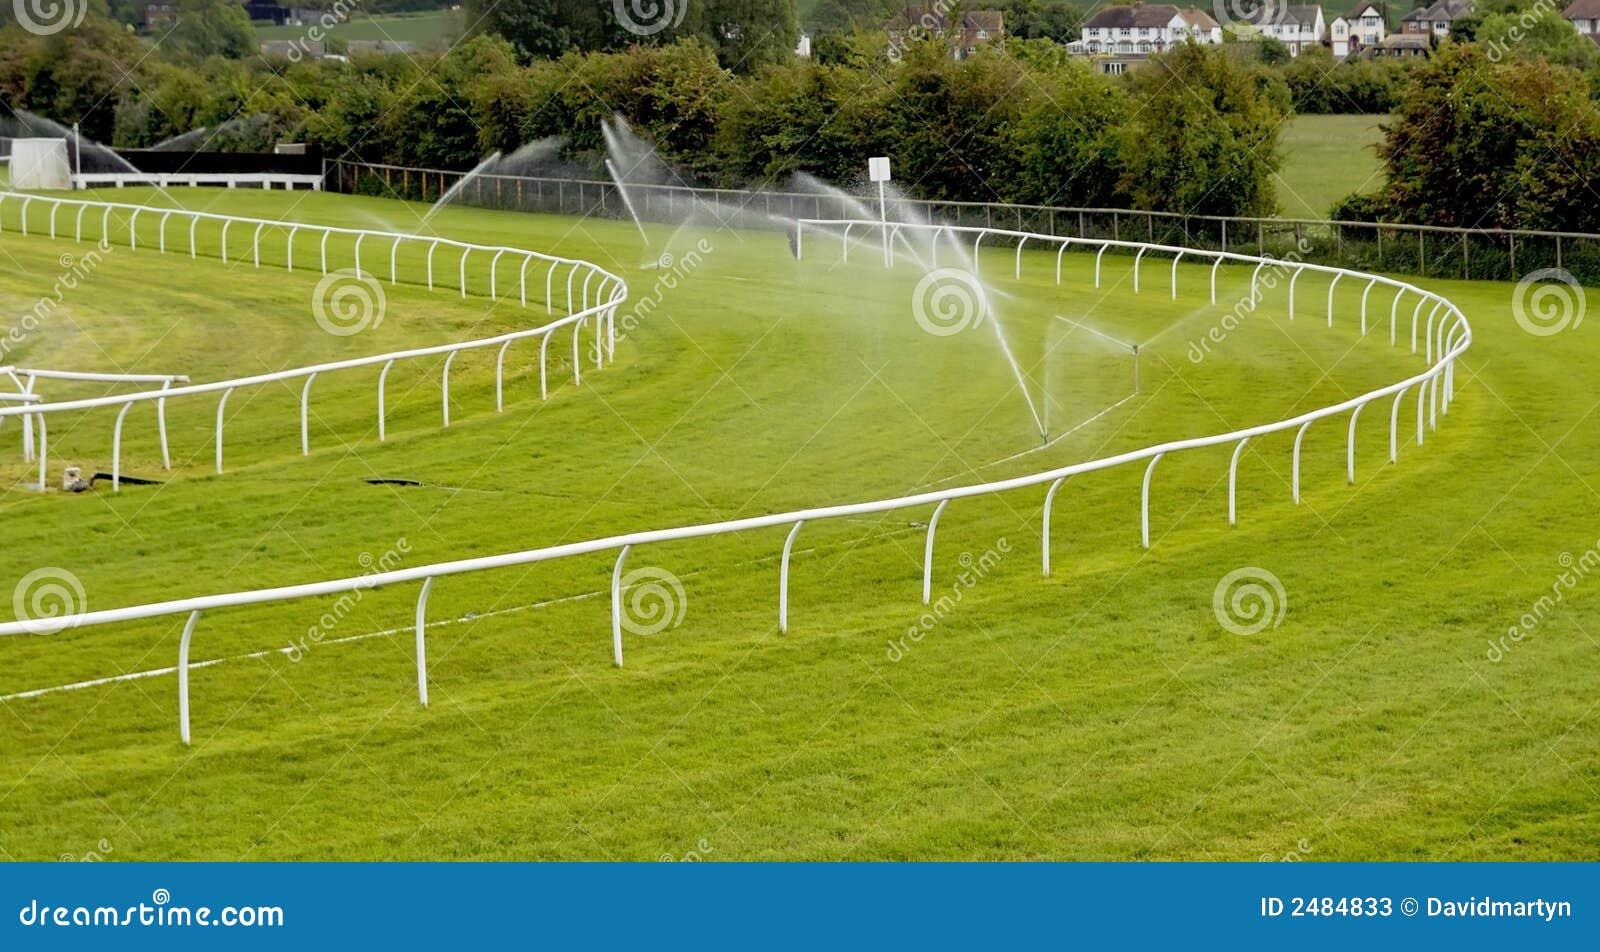 Racecoursesprinklers